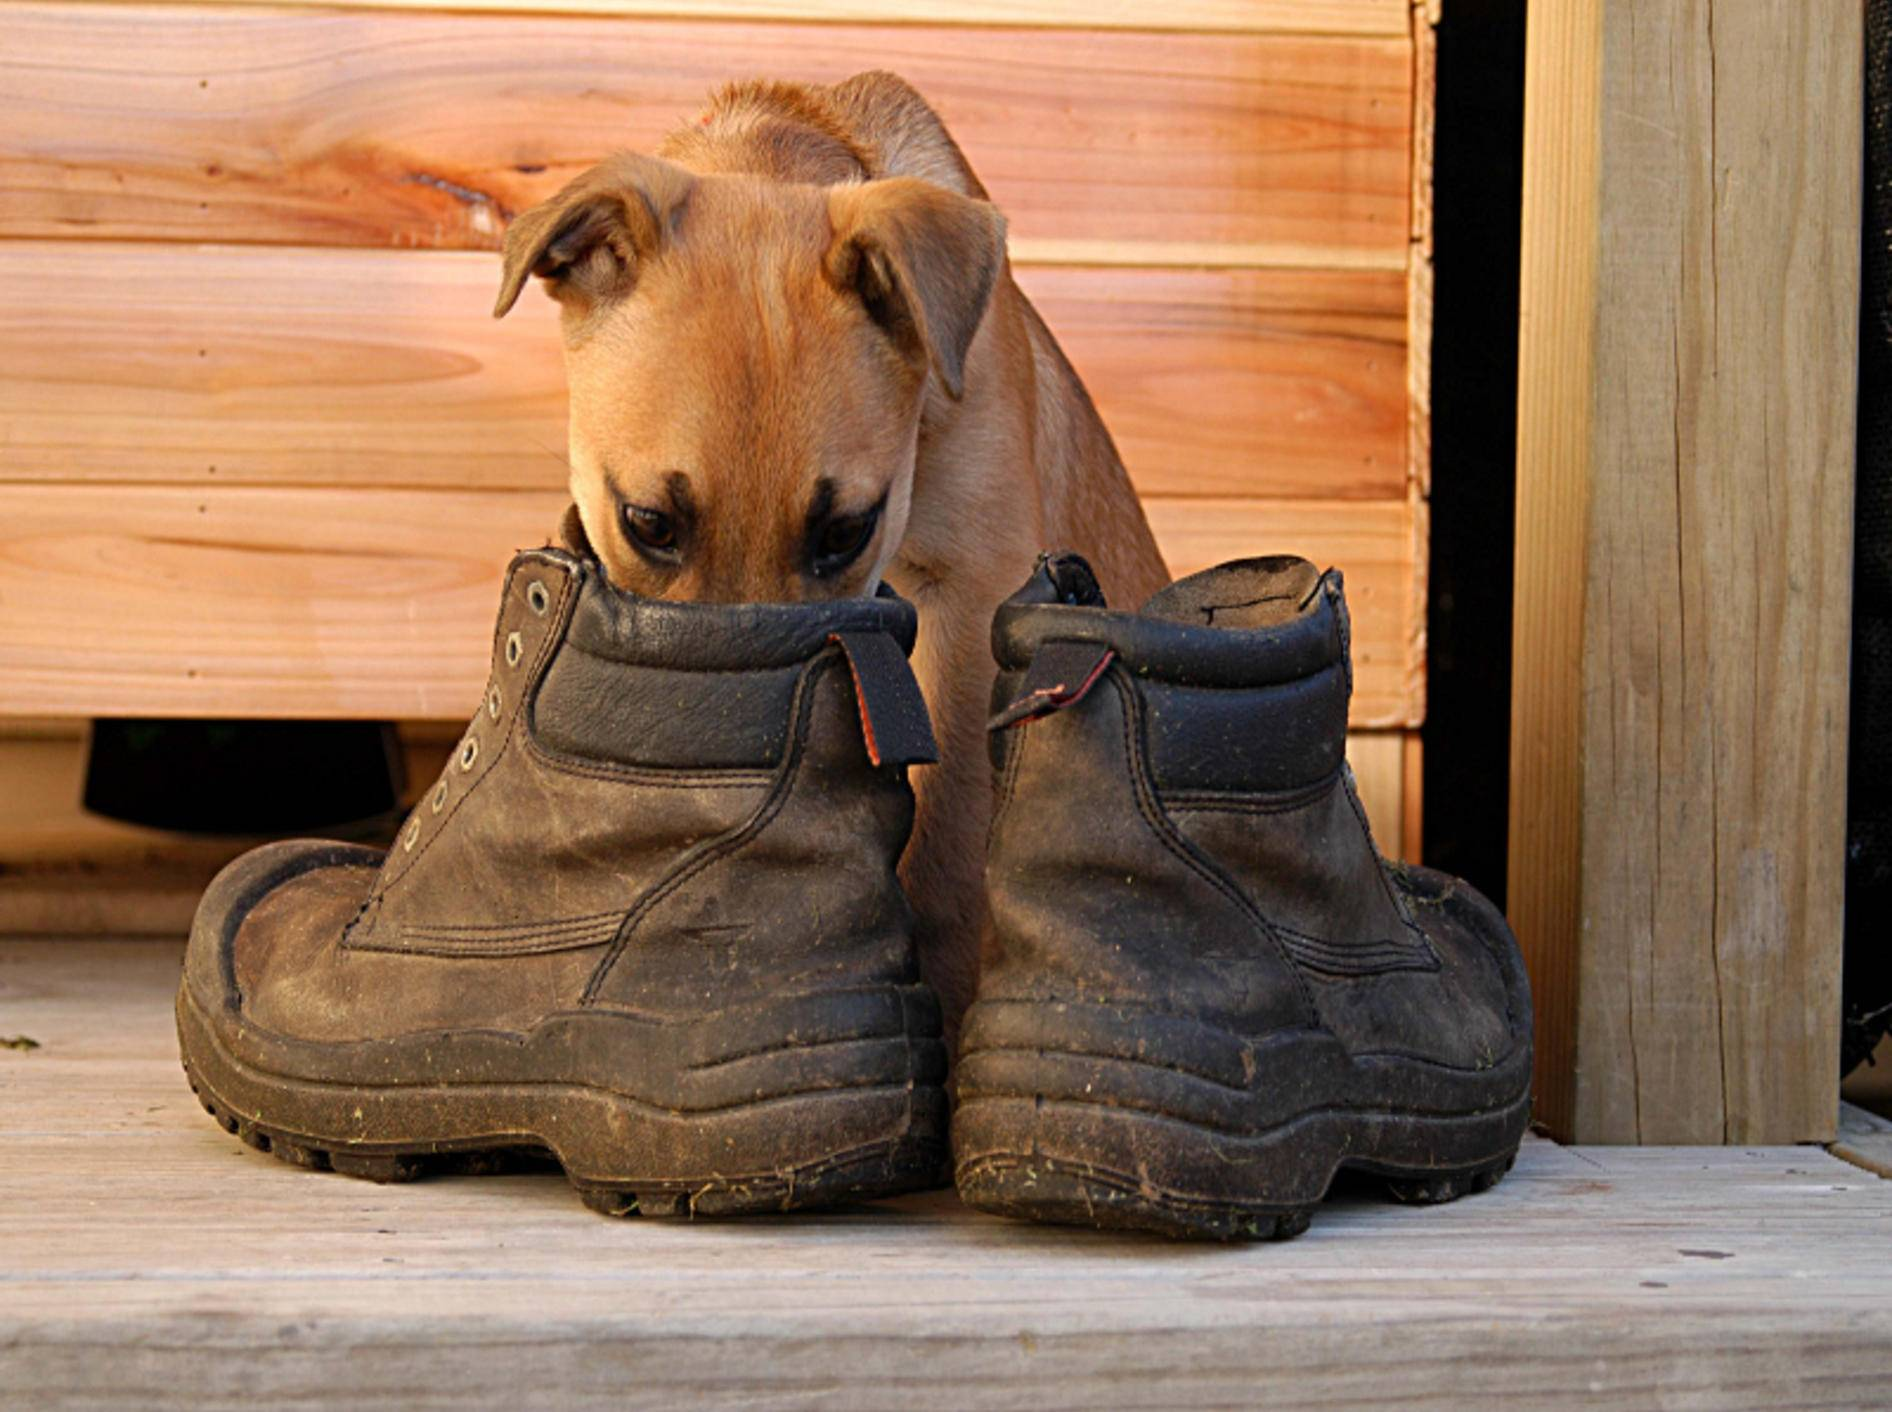 Jeder Hund setzt seine besonderen Riech-Talente gerne ein – Shutterstock / Shanta Giddens